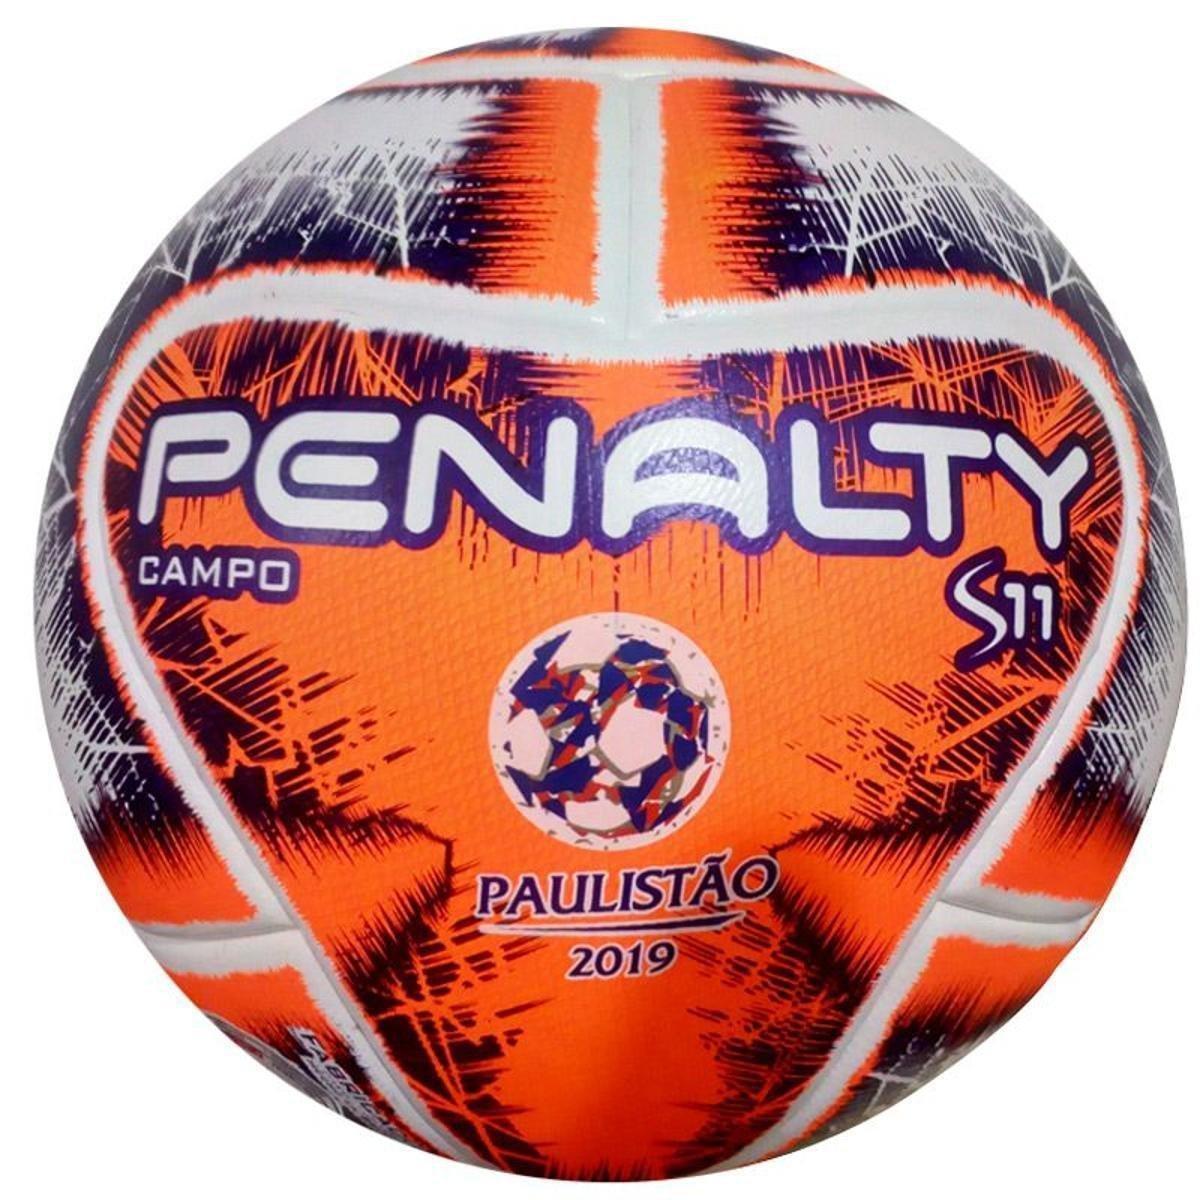 Bola Campo Penalty S11 R2 FPF IX 2019 - Laranja - Compre Agora ... 3af1eb4726de7